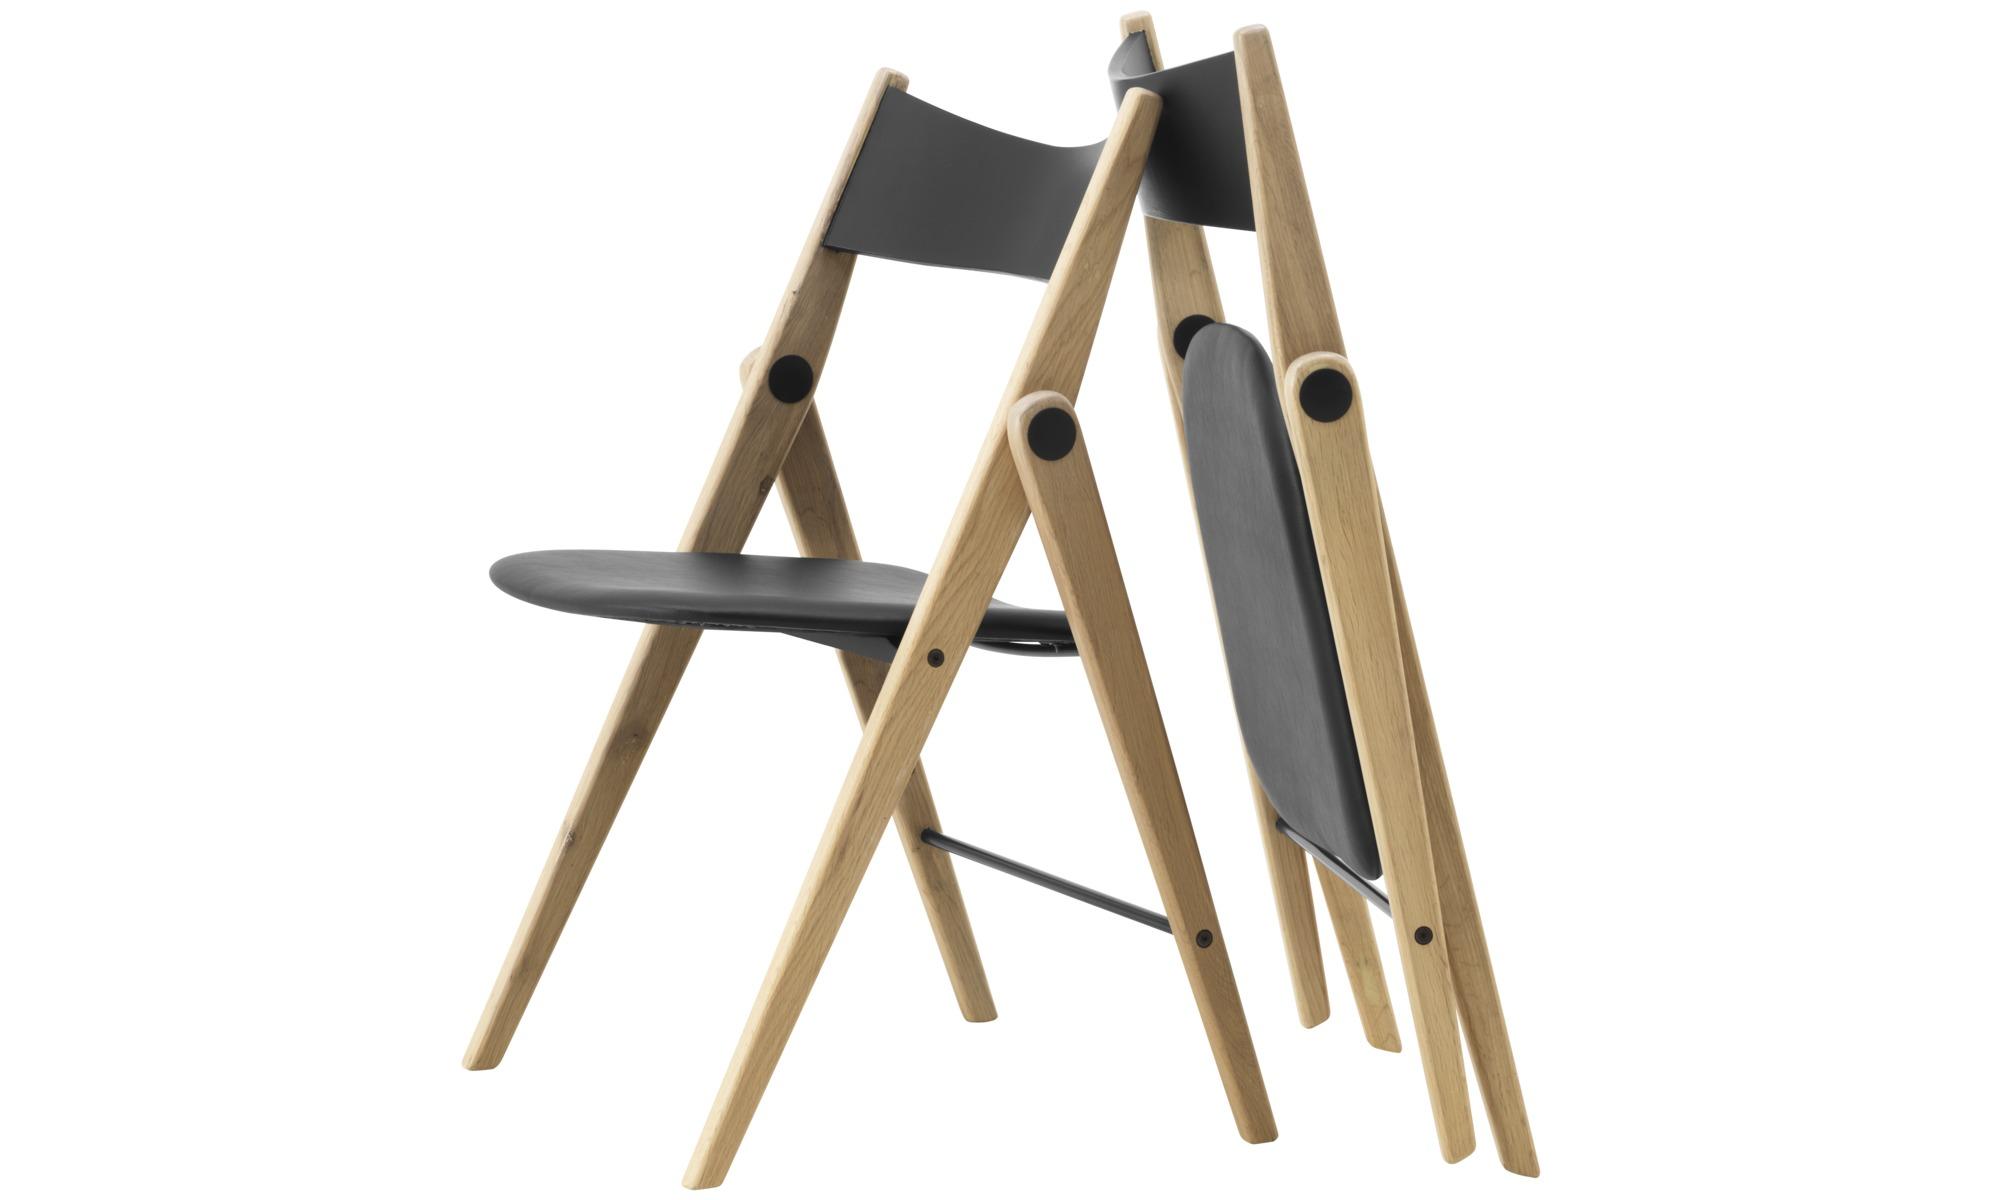 spisestole oslo klapstol boconcept. Black Bedroom Furniture Sets. Home Design Ideas